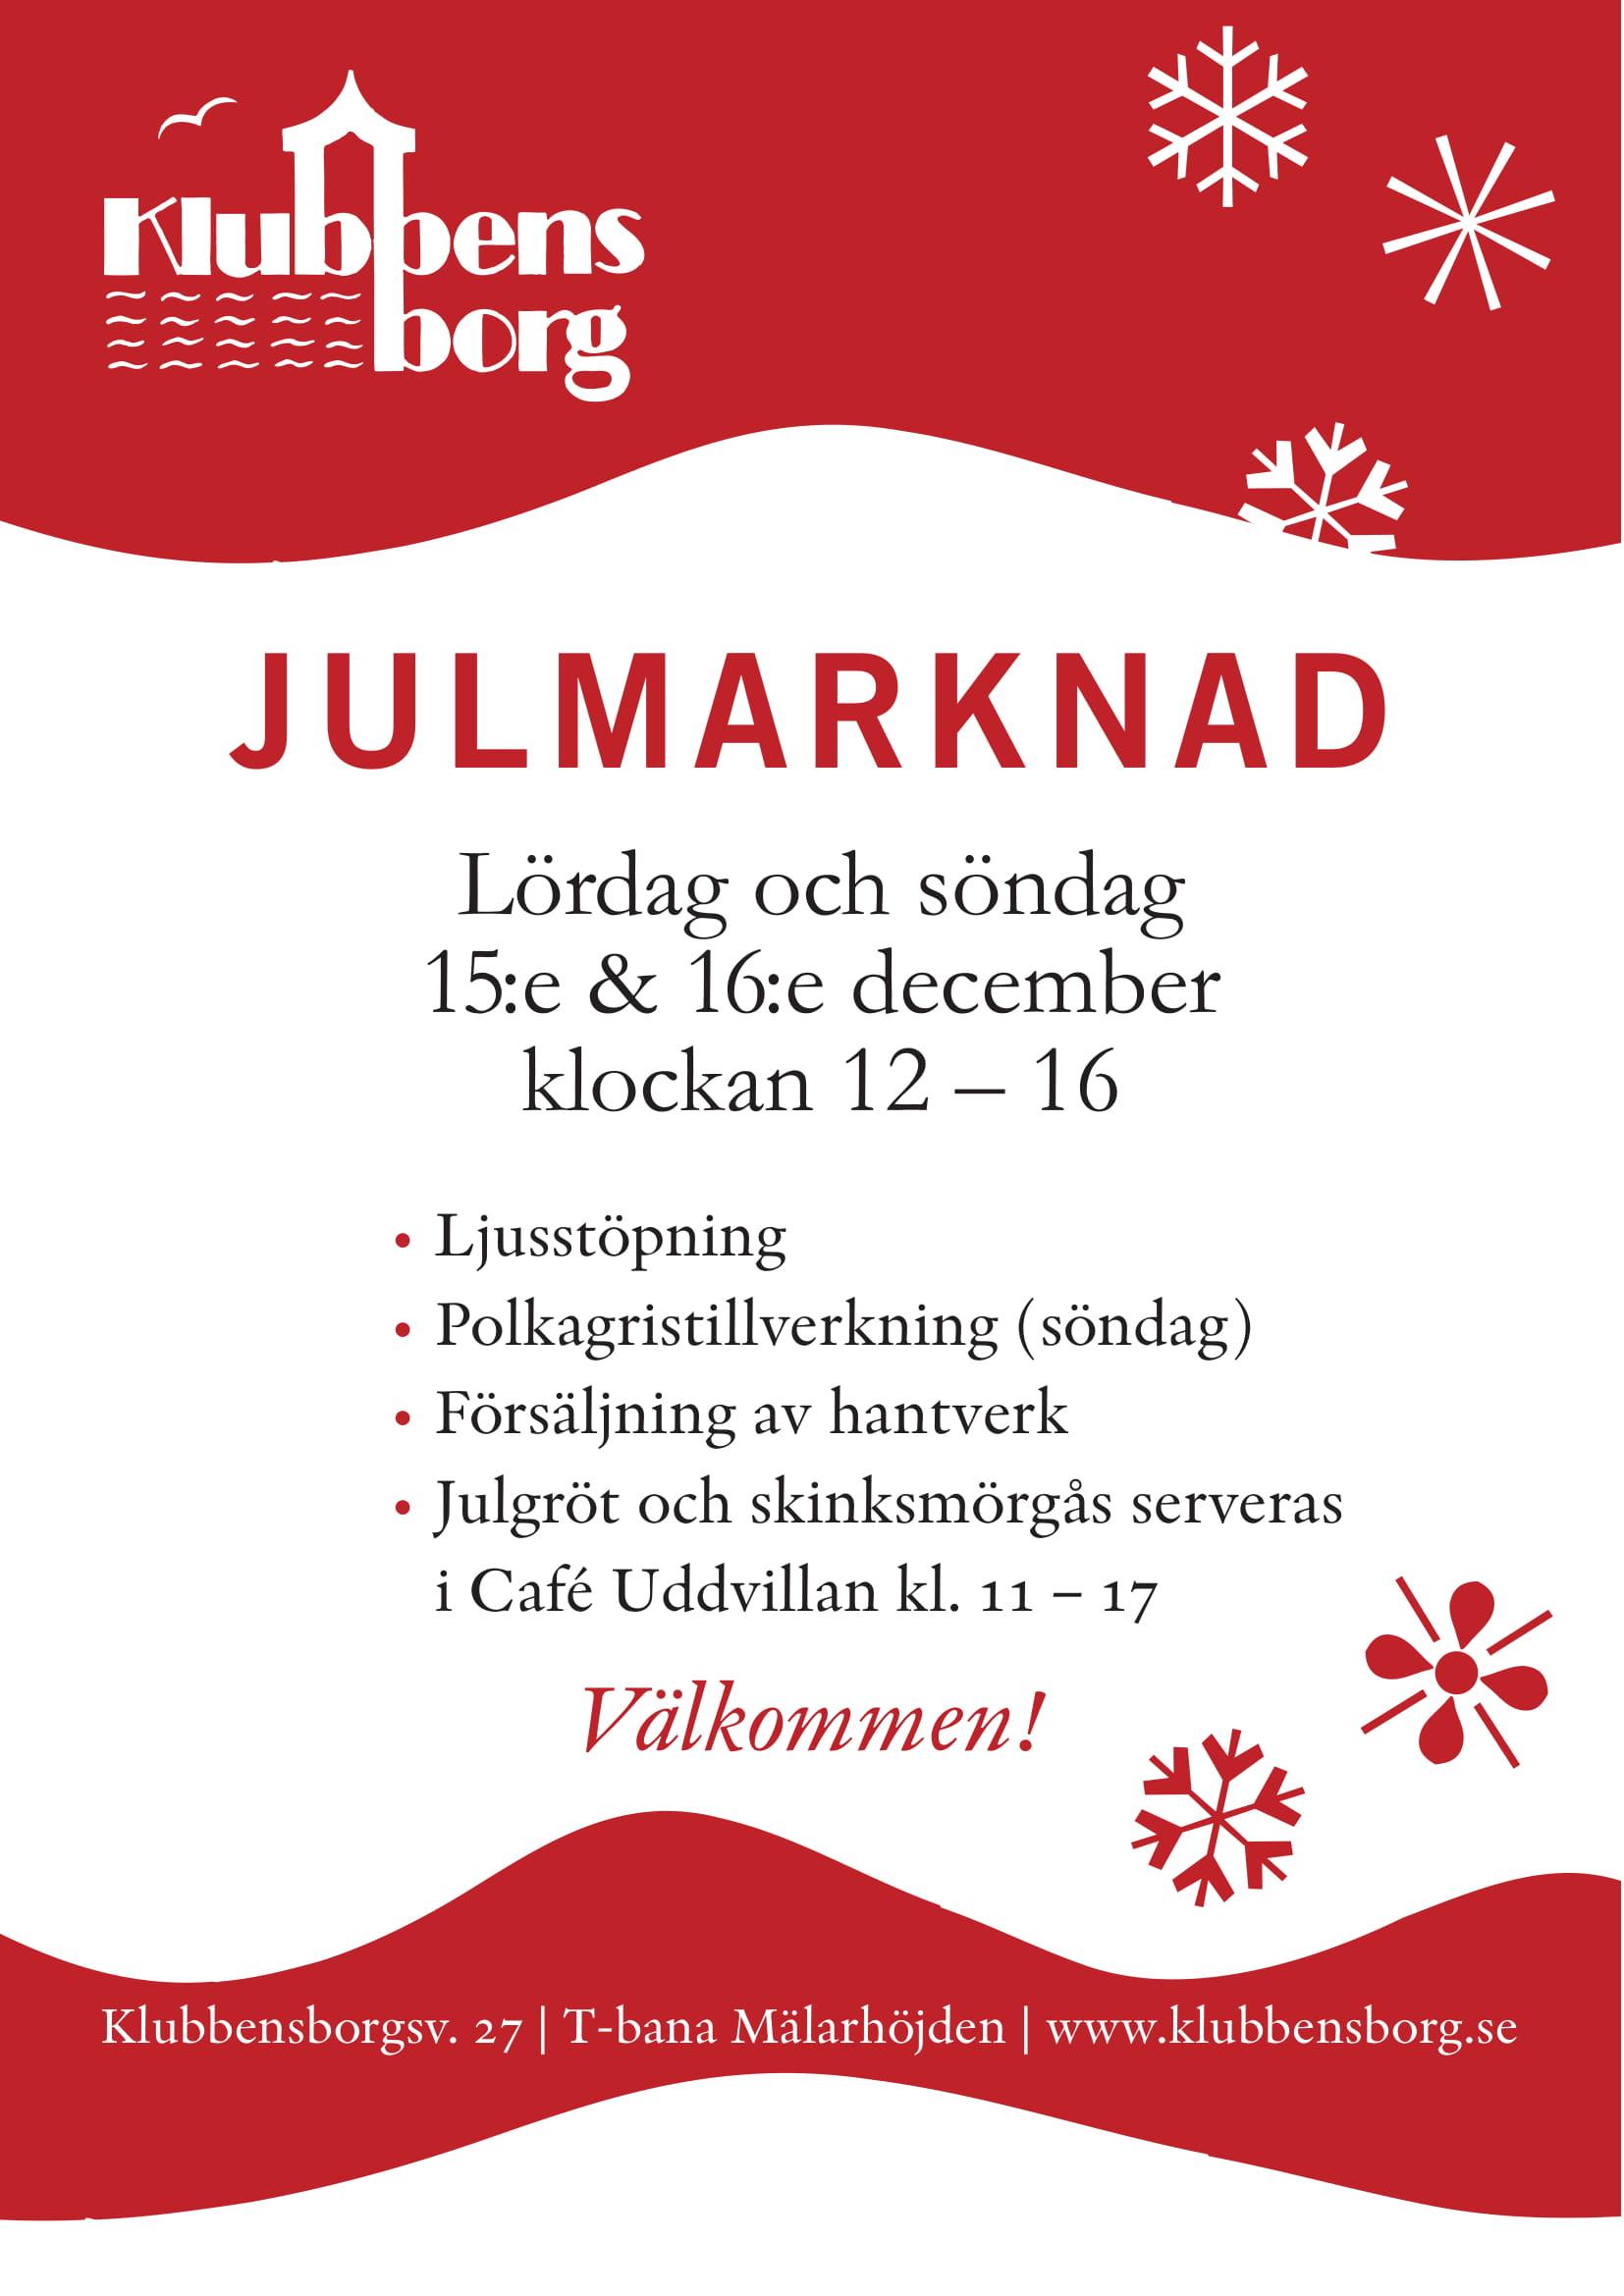 Julmarknad 2018 Poster